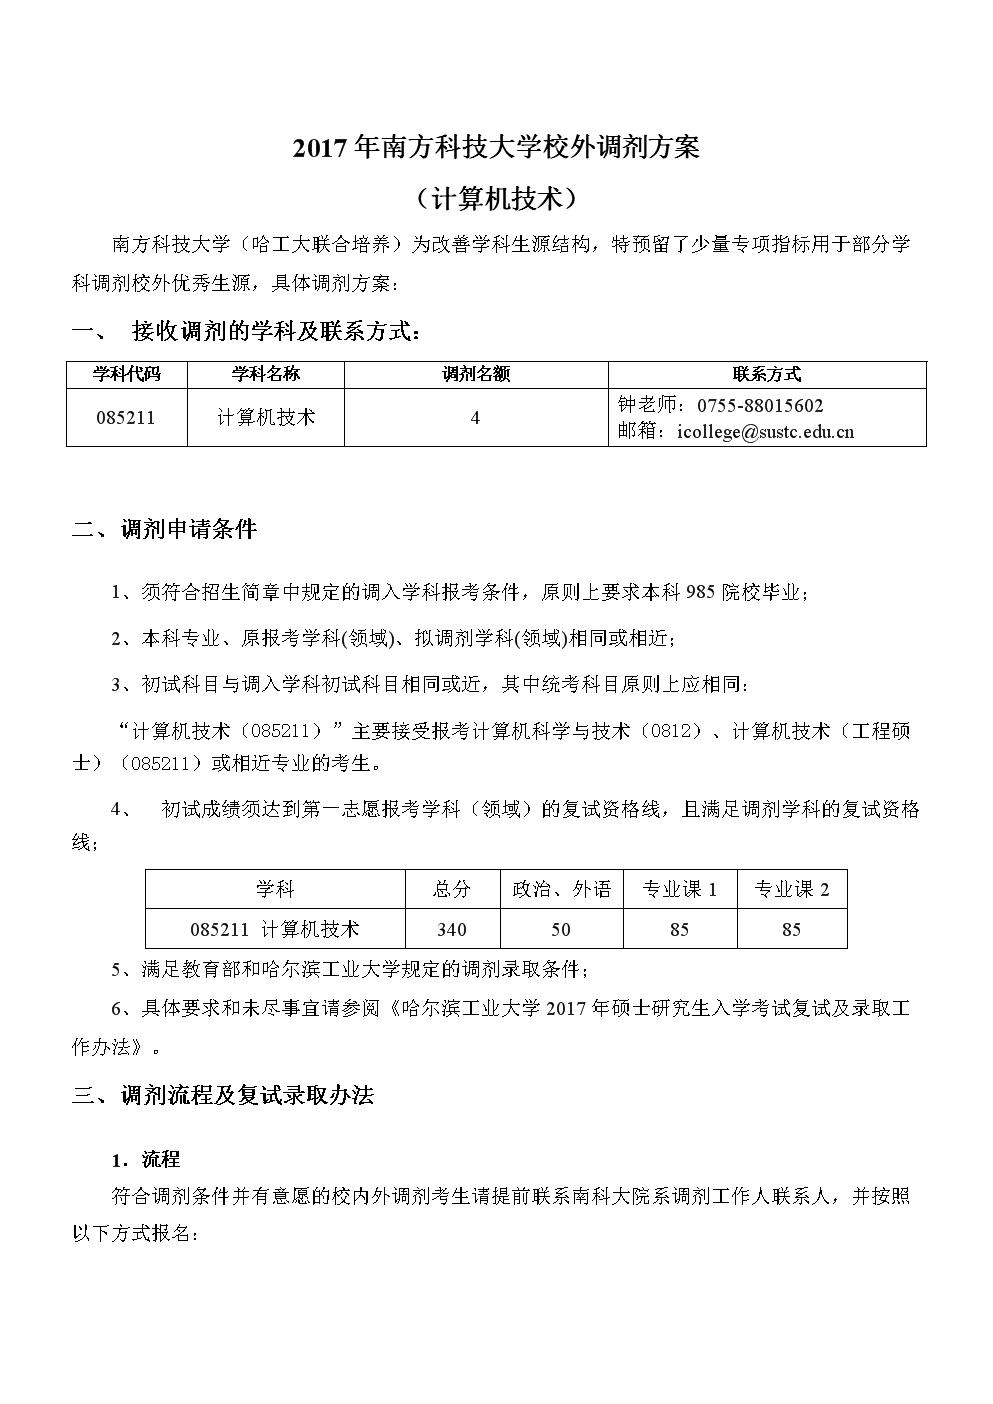 南科大 计算机技术(校外.doc